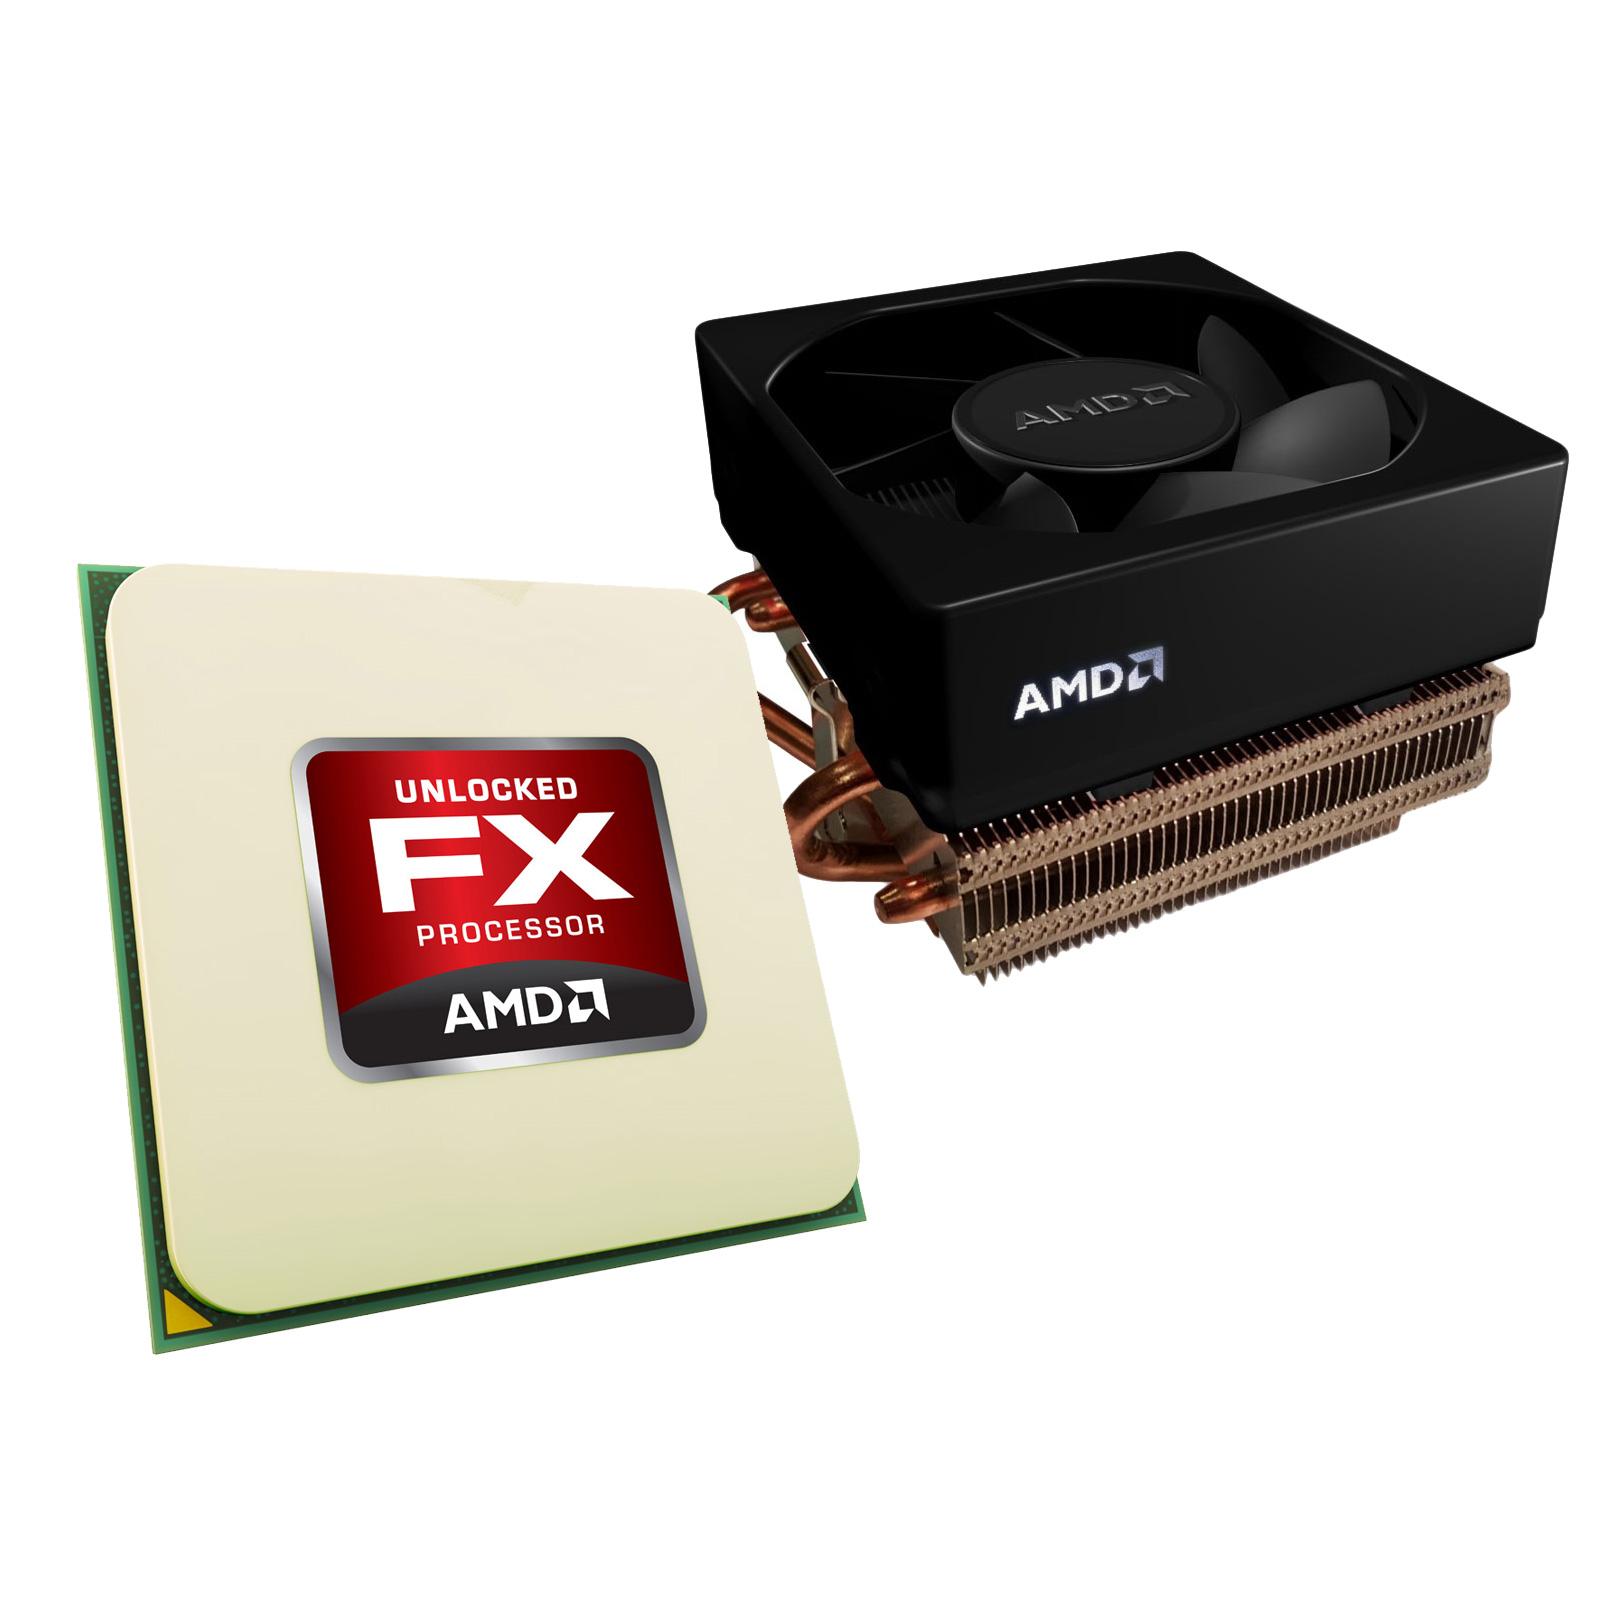 Processeur AMD FX 6350 Wraith Cooler Edition (3.9 GHz) Processeur 6-Core socket AM3+ Cache L3 8 Mo 0.032 micron TDP 125W avec système de refroidissement (version boîte - garantie constructeur 3 ans)